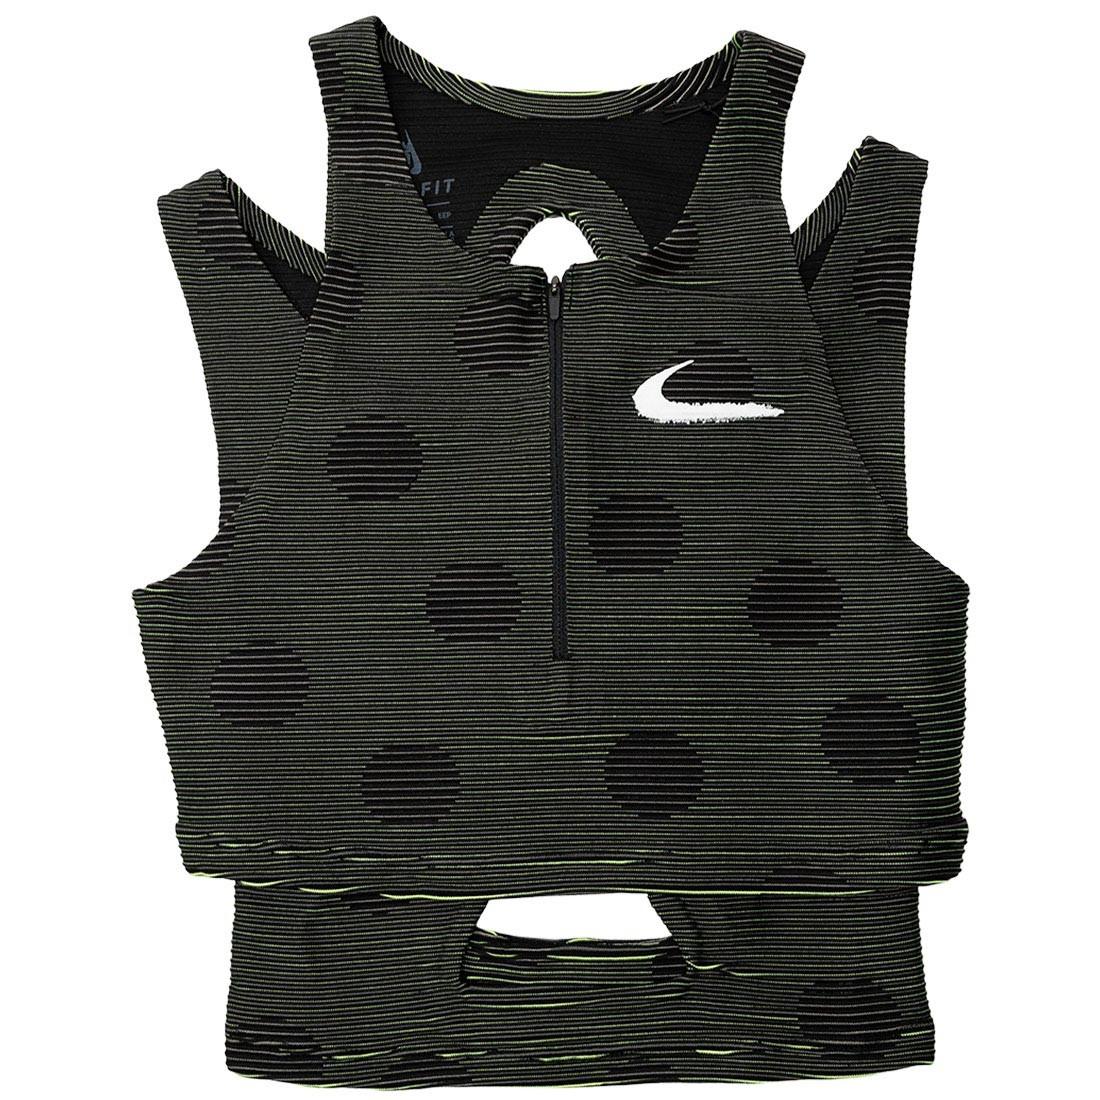 Nike X Off-White Women Tee (black)